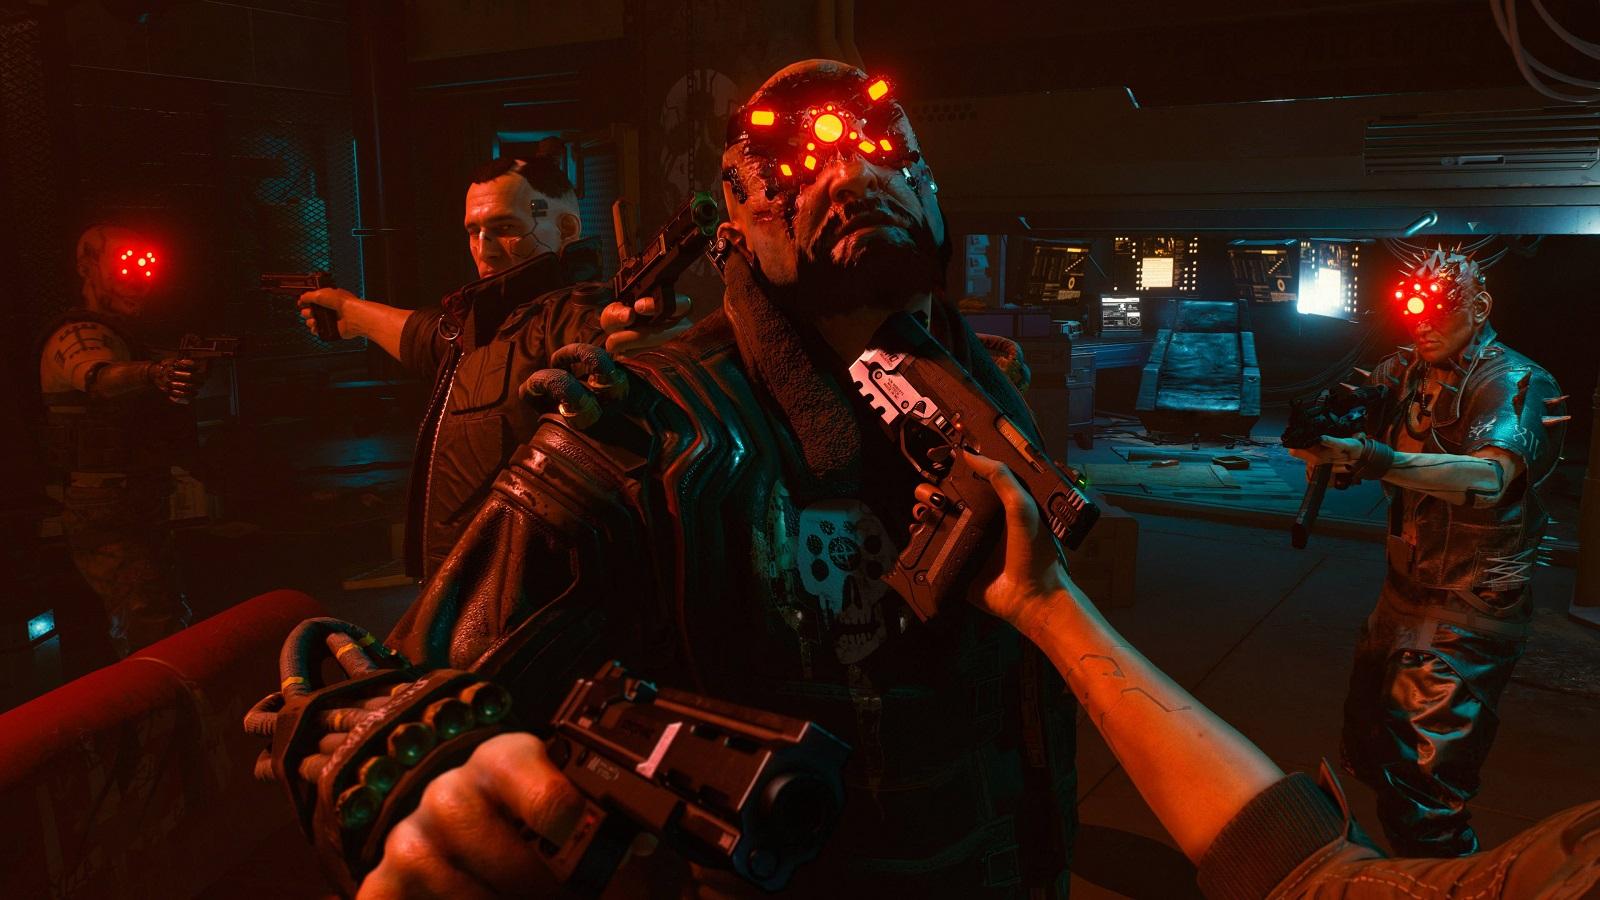 Видео: энтузиаст сравнил графику Cyberpunk 2077 на примере одной сцены из демонстраций с двухгодичной разницей